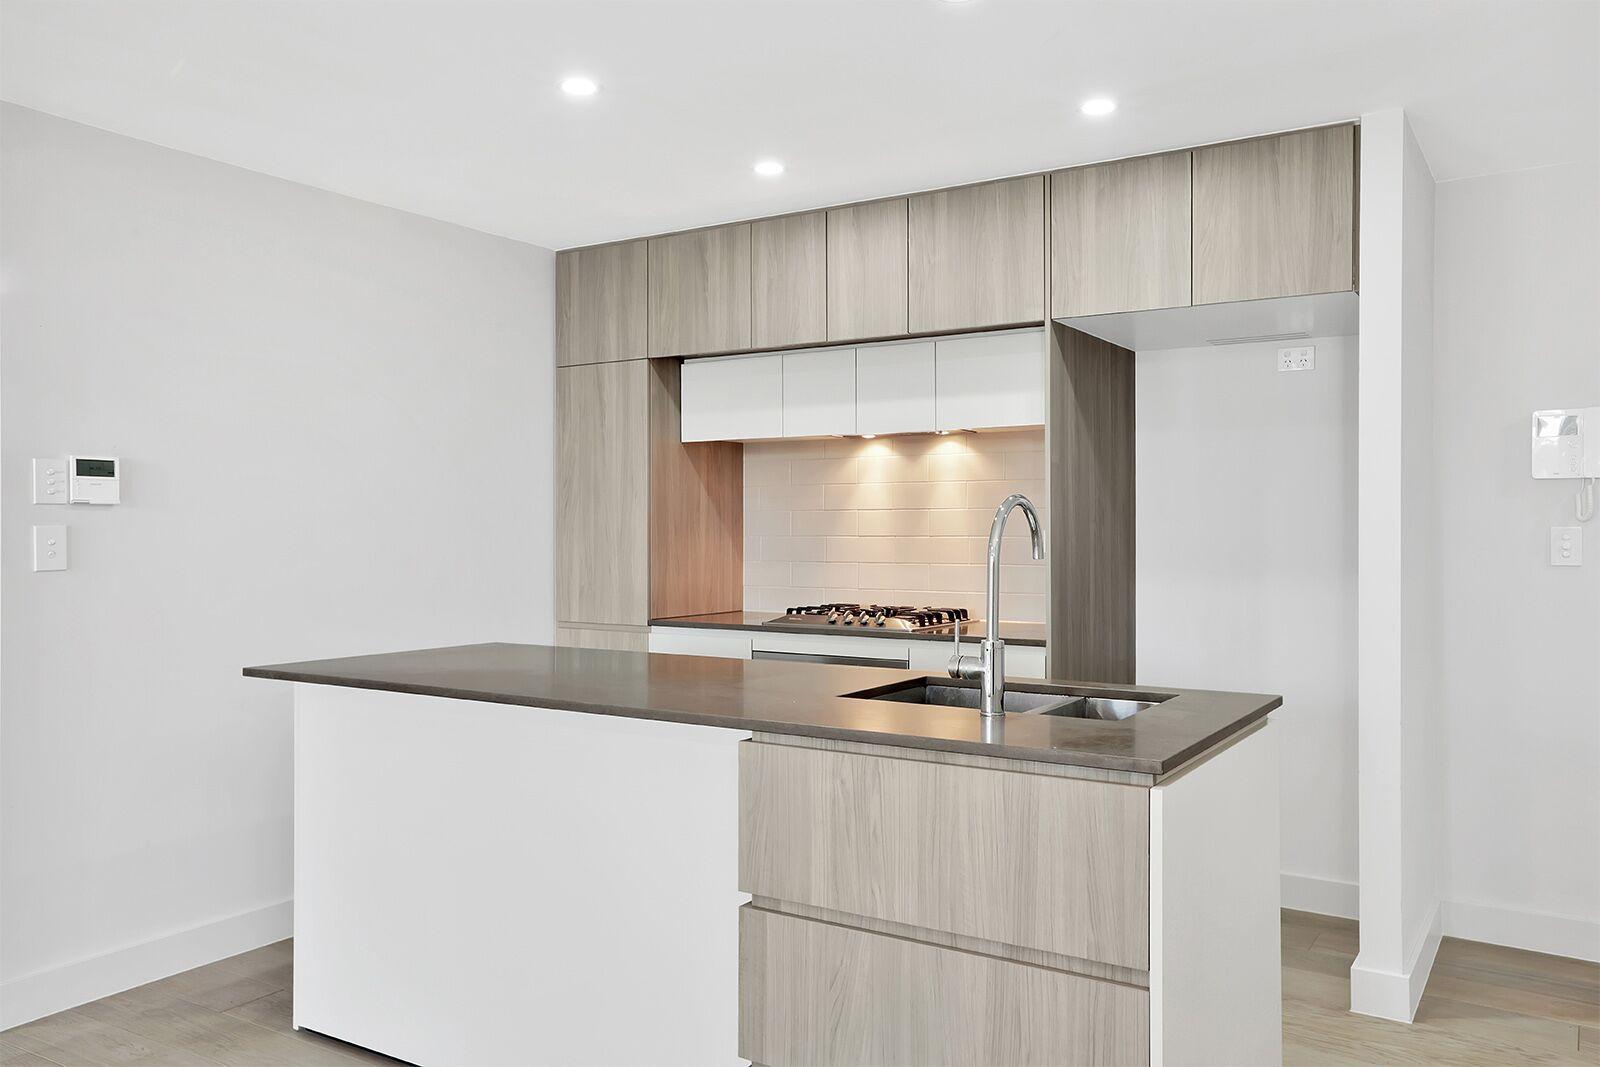 16/600 Mowbray Road, Lane Cove NSW 2066, Image 1